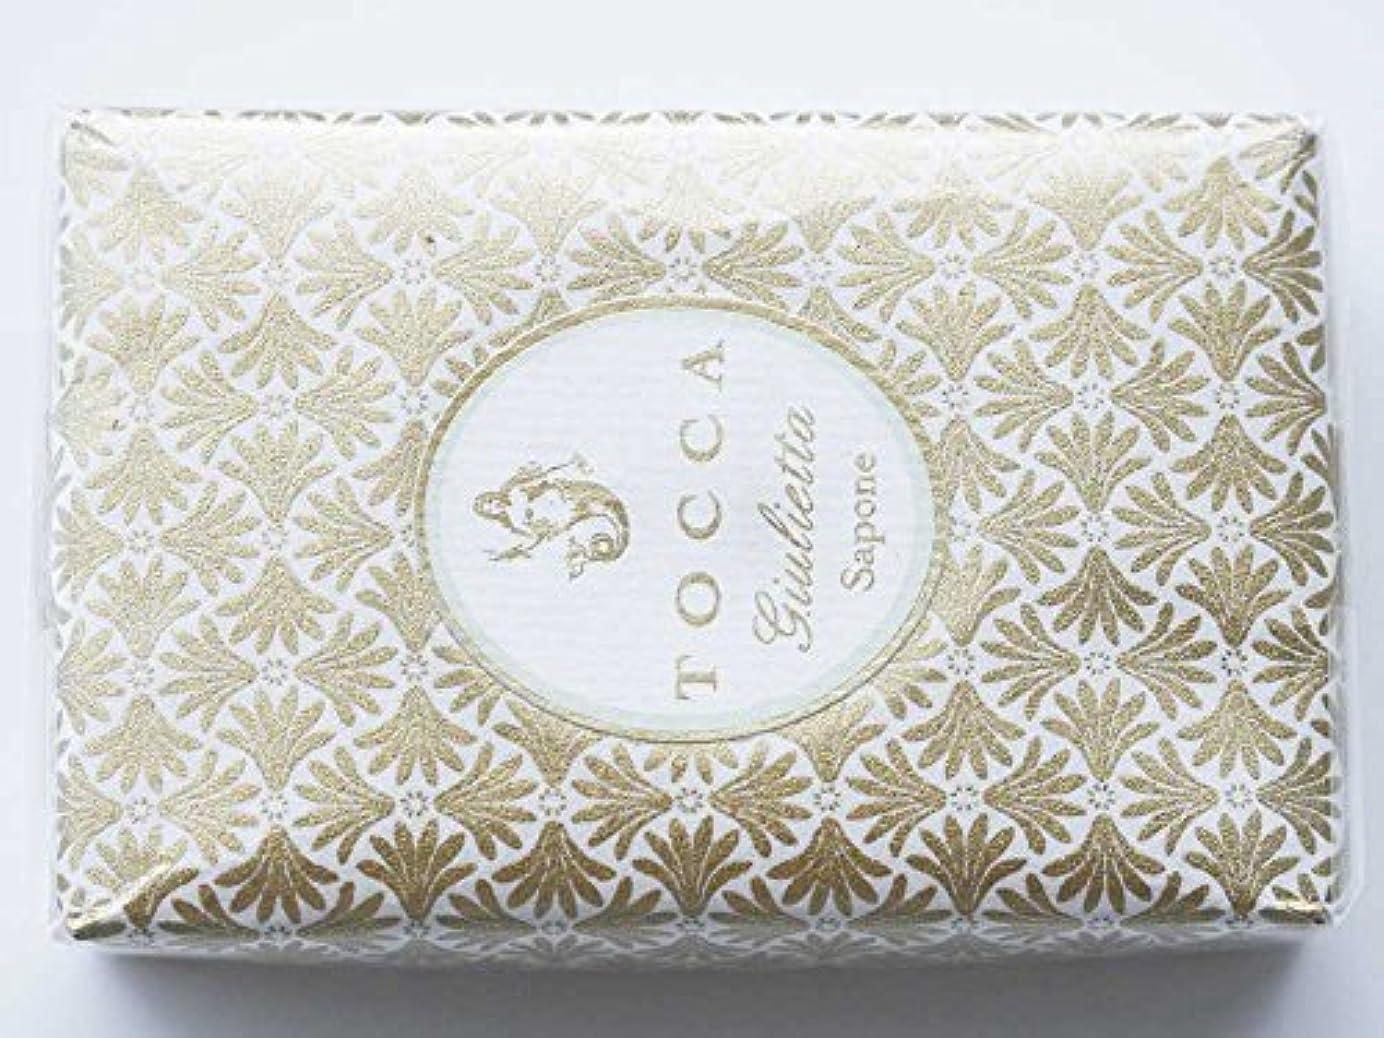 涙が出るジャグリングオゾンTOCCA(トッカ)石鹸 ソープバー ジュリエッタの香り